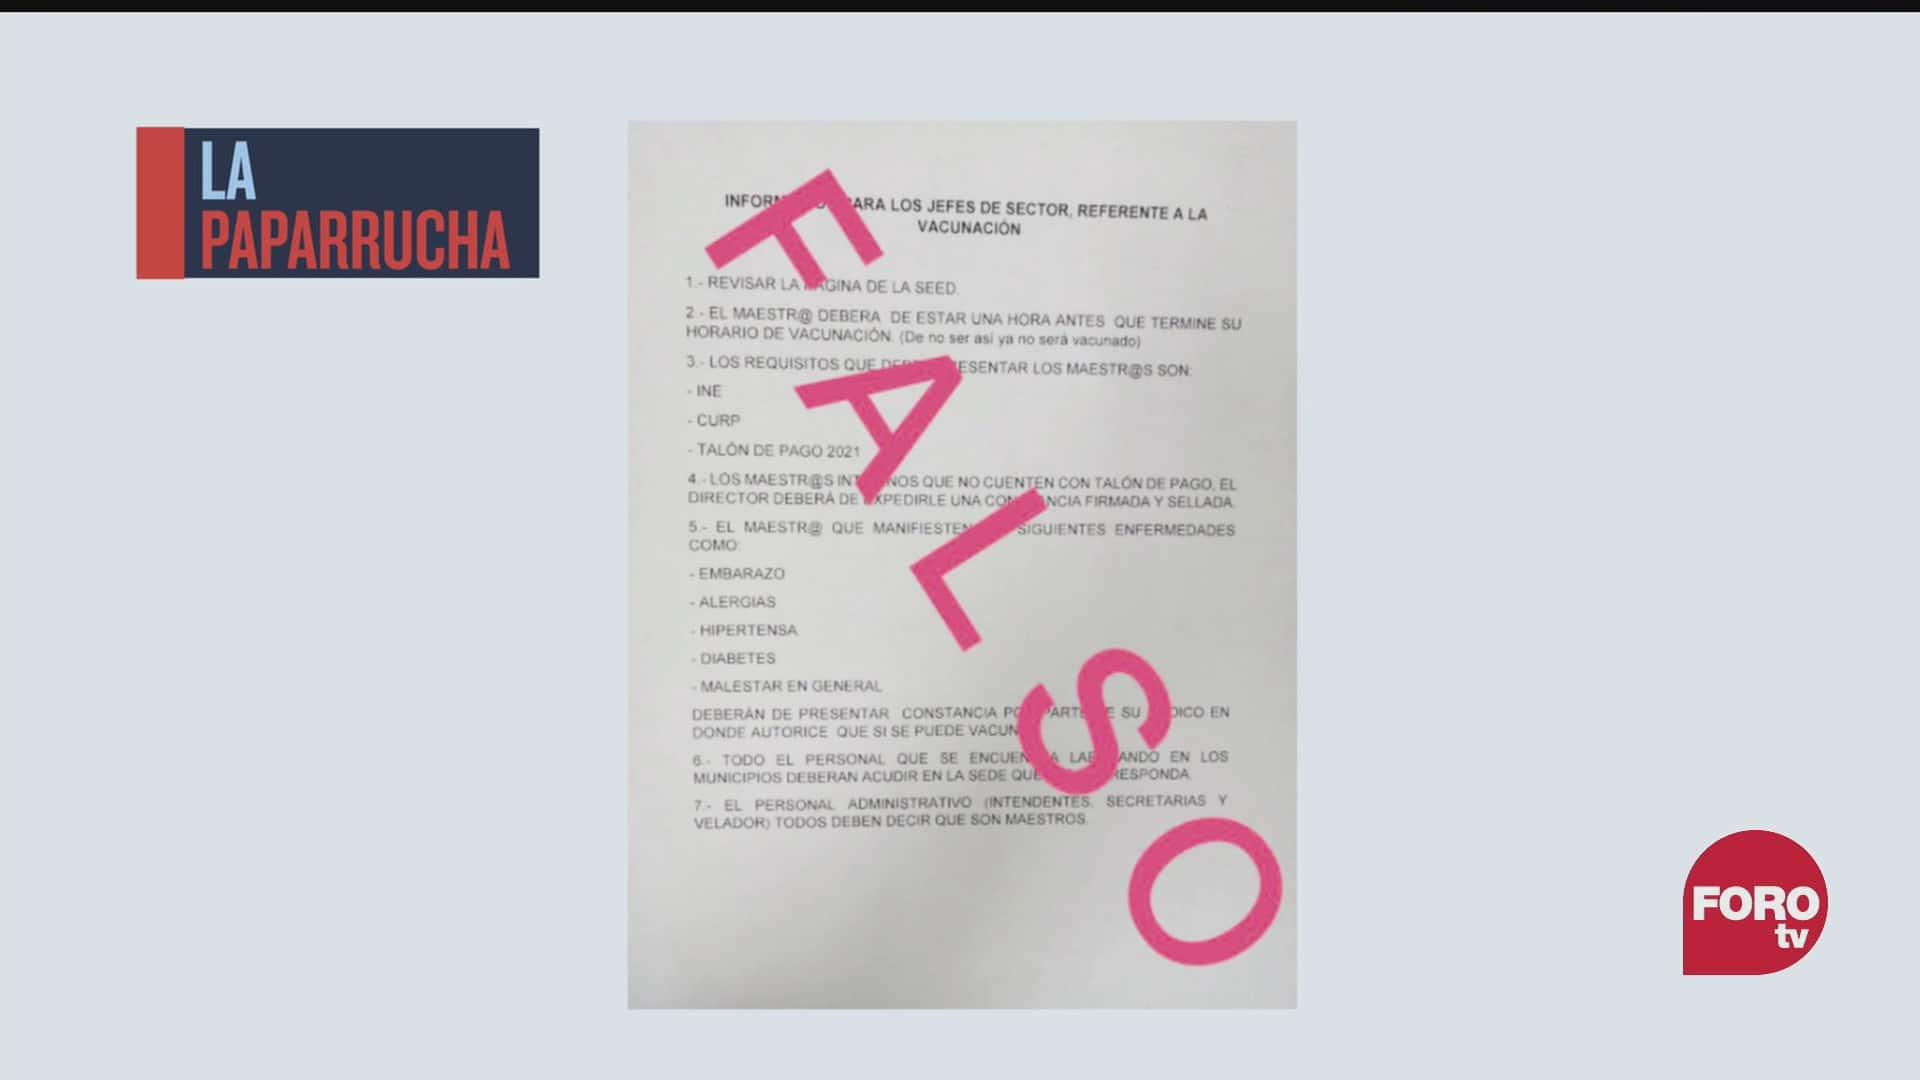 lista falsa de requisitos para que personal educativo sea vacunado contra covid la paparrucha del dia